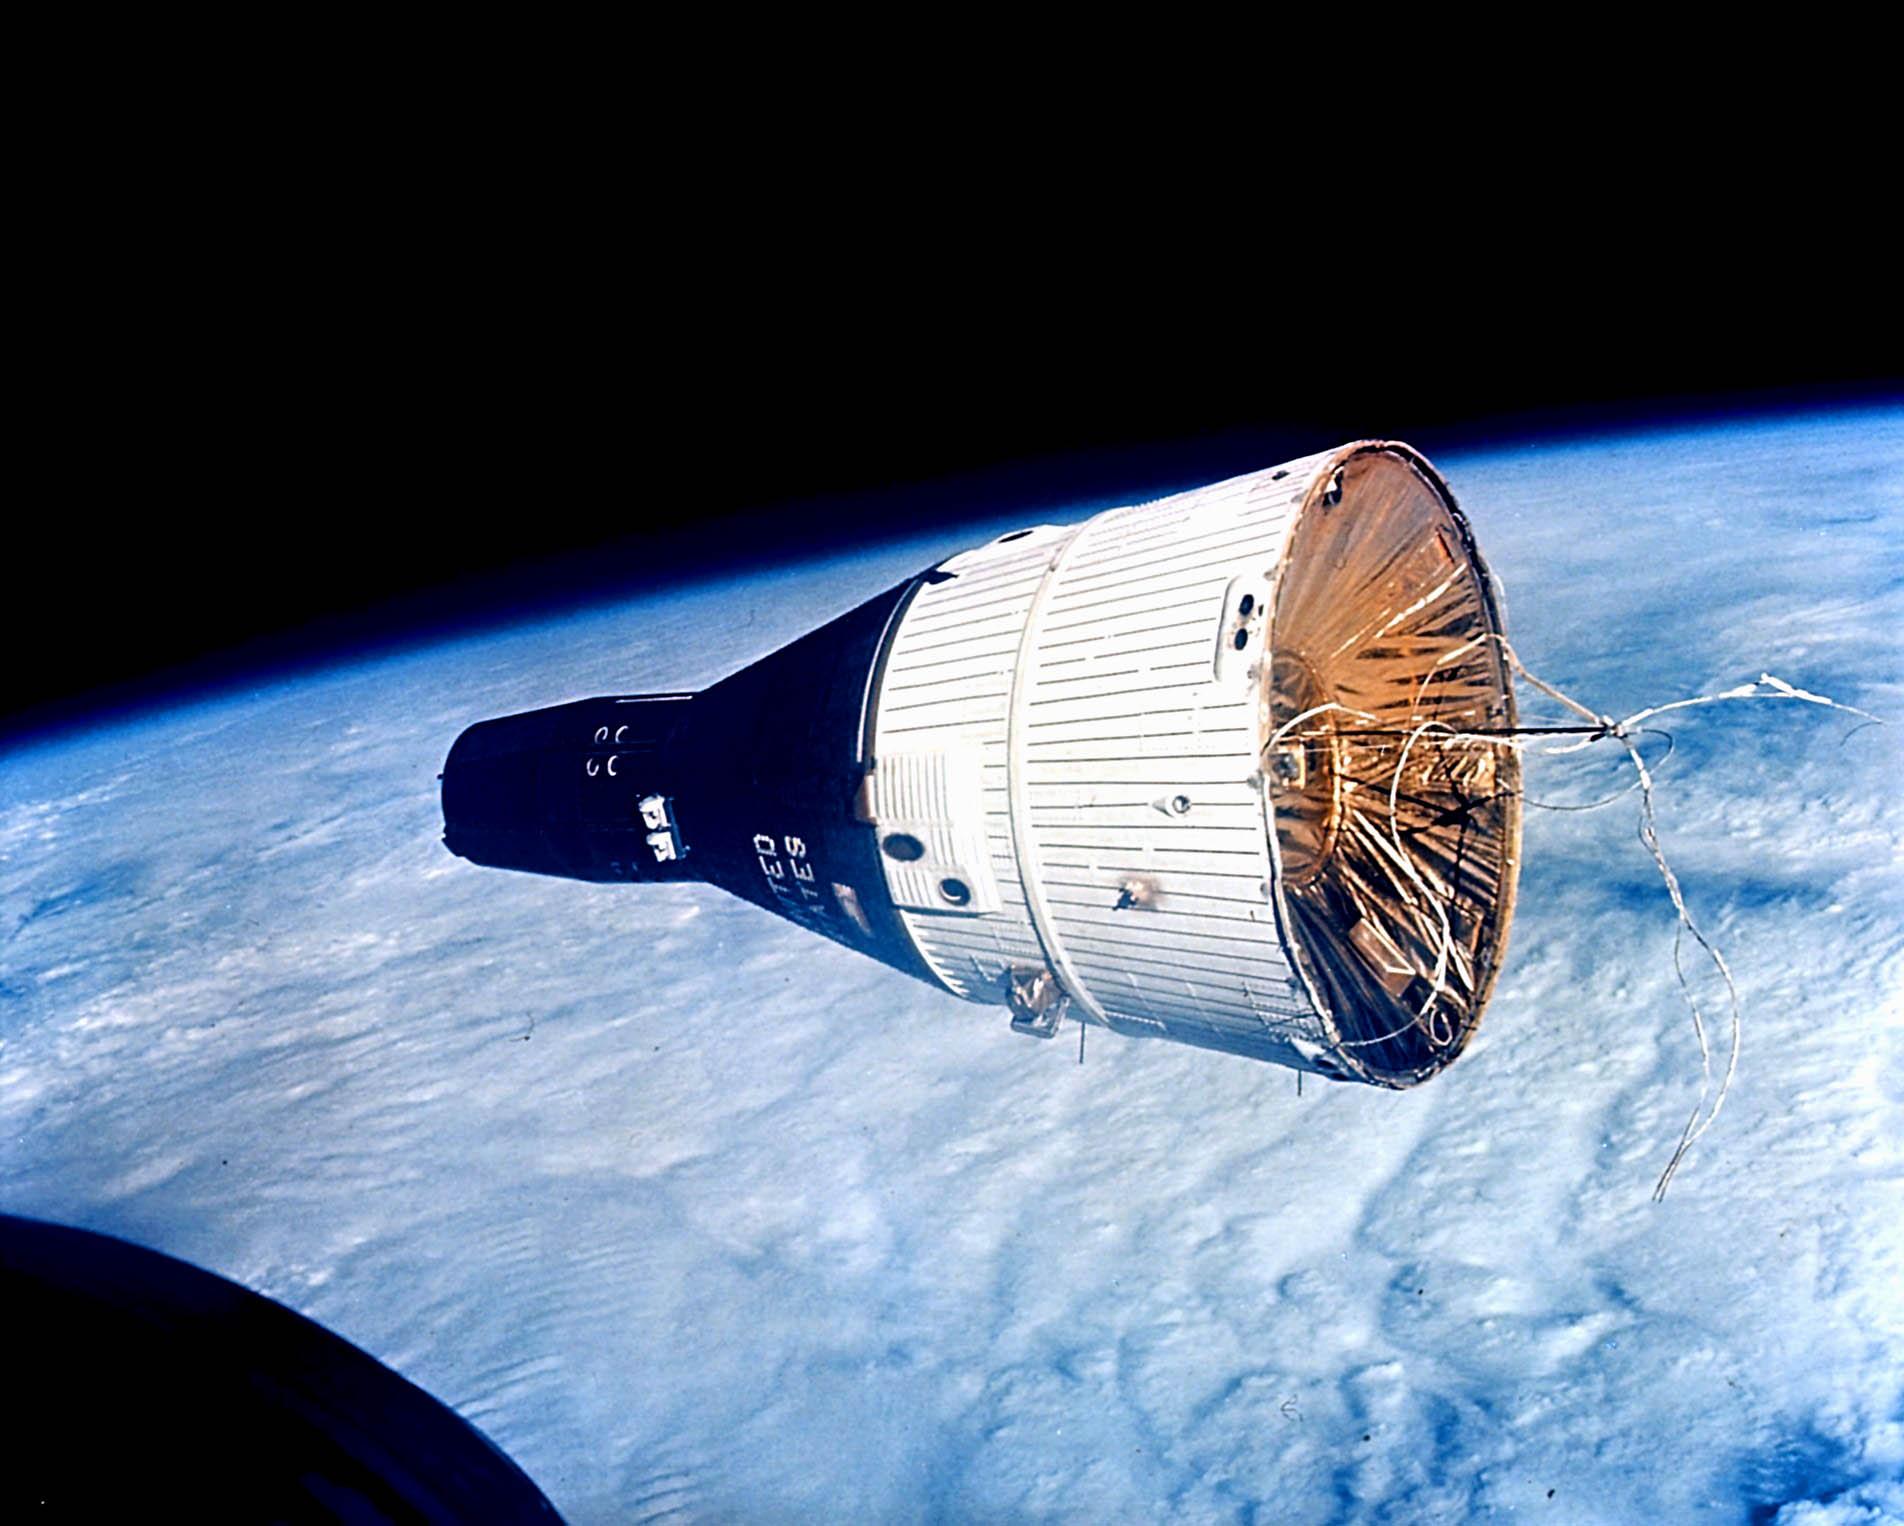 นาซ่าทำการทดสอบปล่อยยาน Gemini 1 แบบไร้นักบินอวกาศ